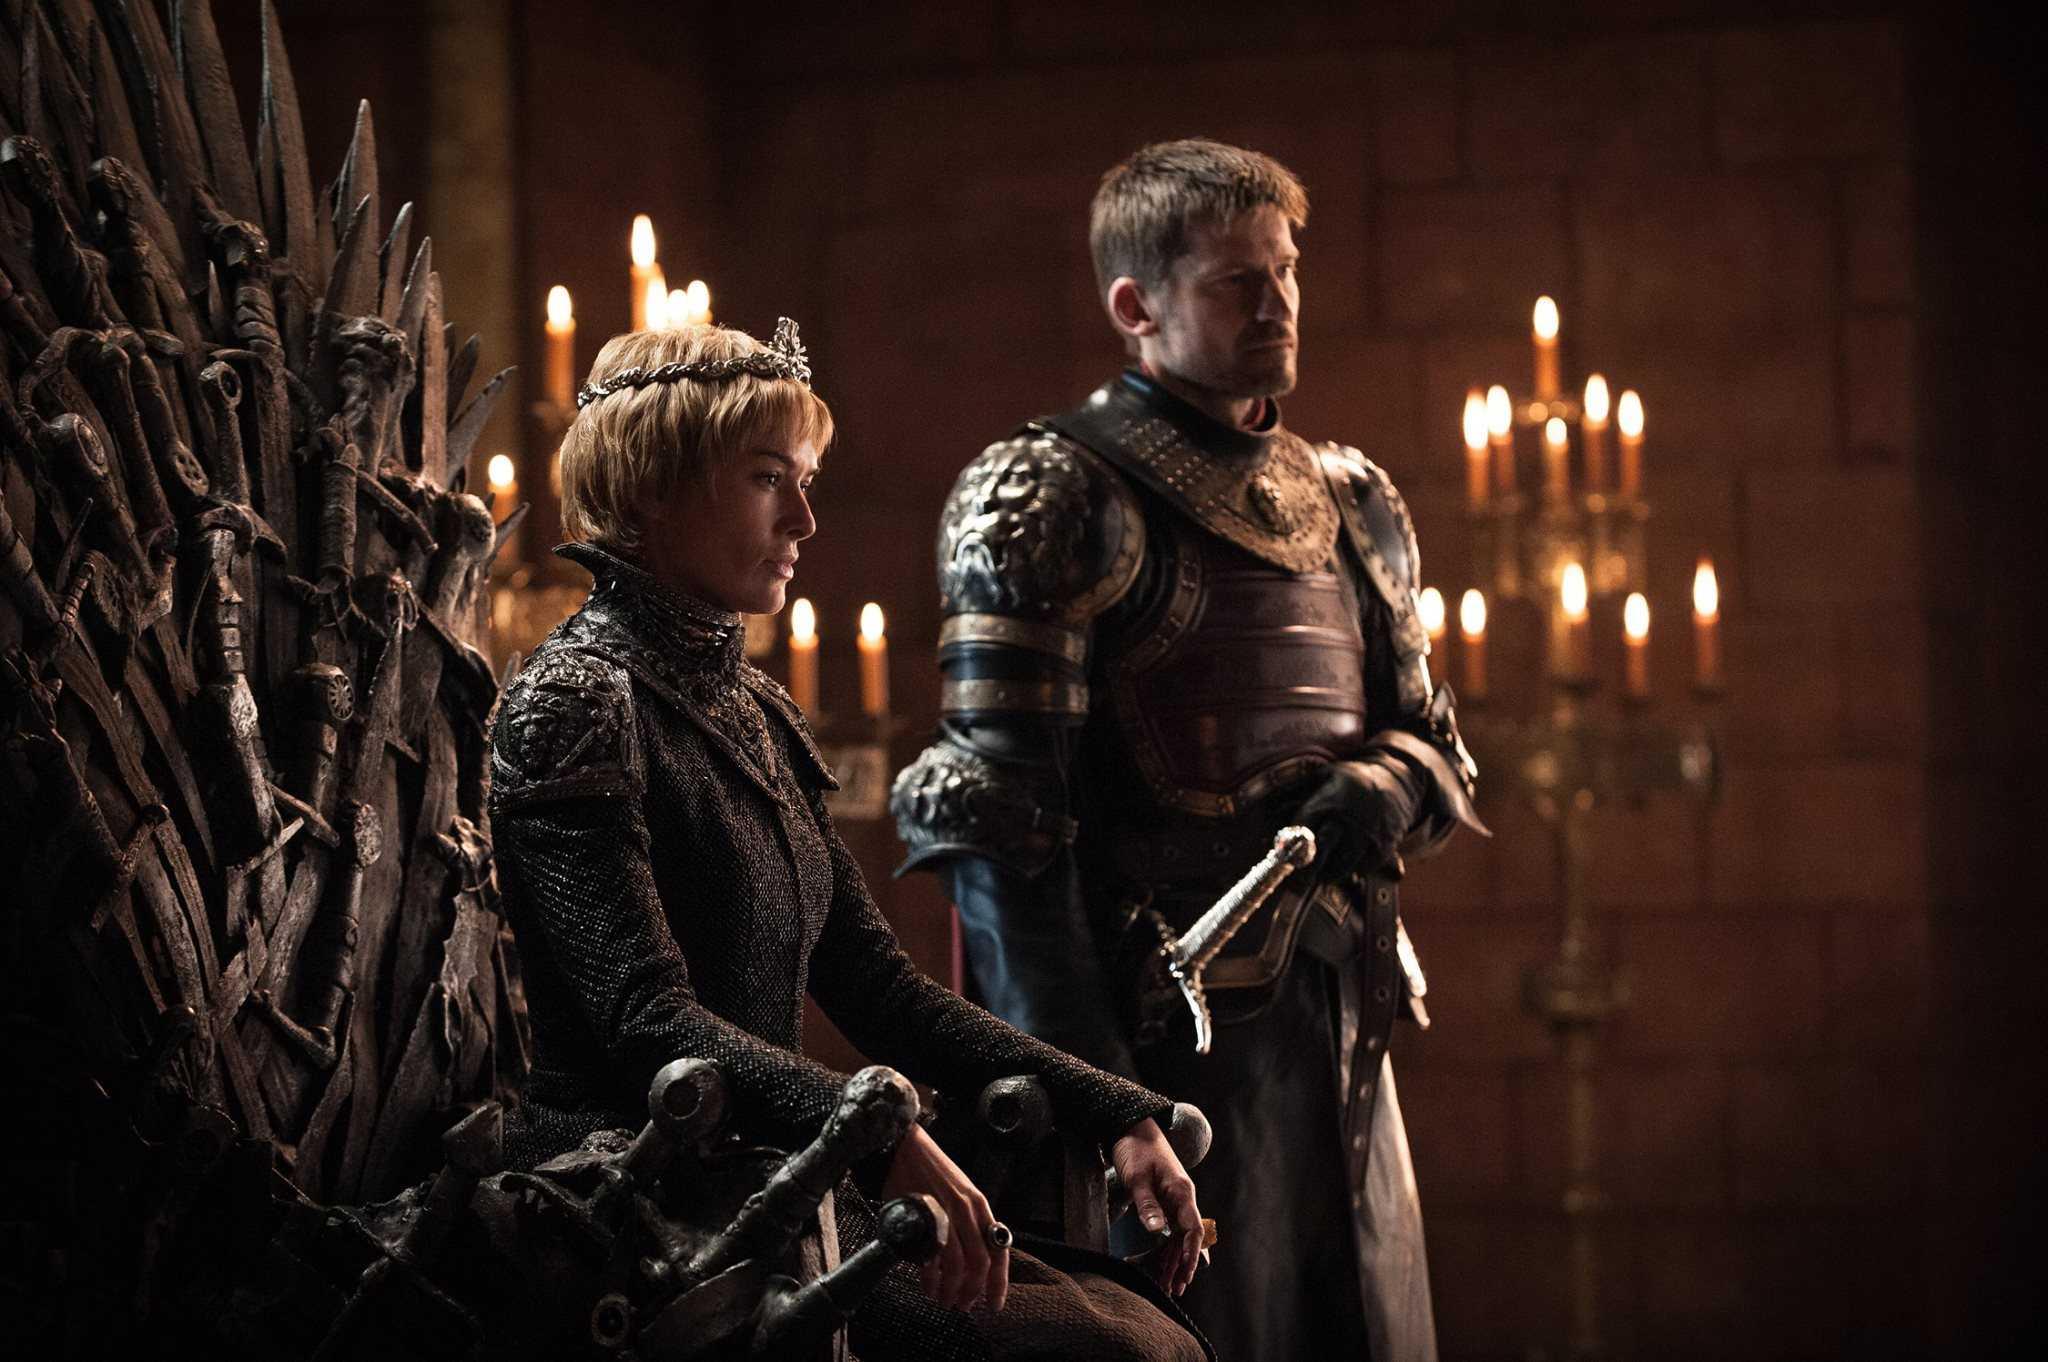 Lena Headey y Nikolaj Coster-Waldau como Cersei y Jaime Lannister. Pulzo.com